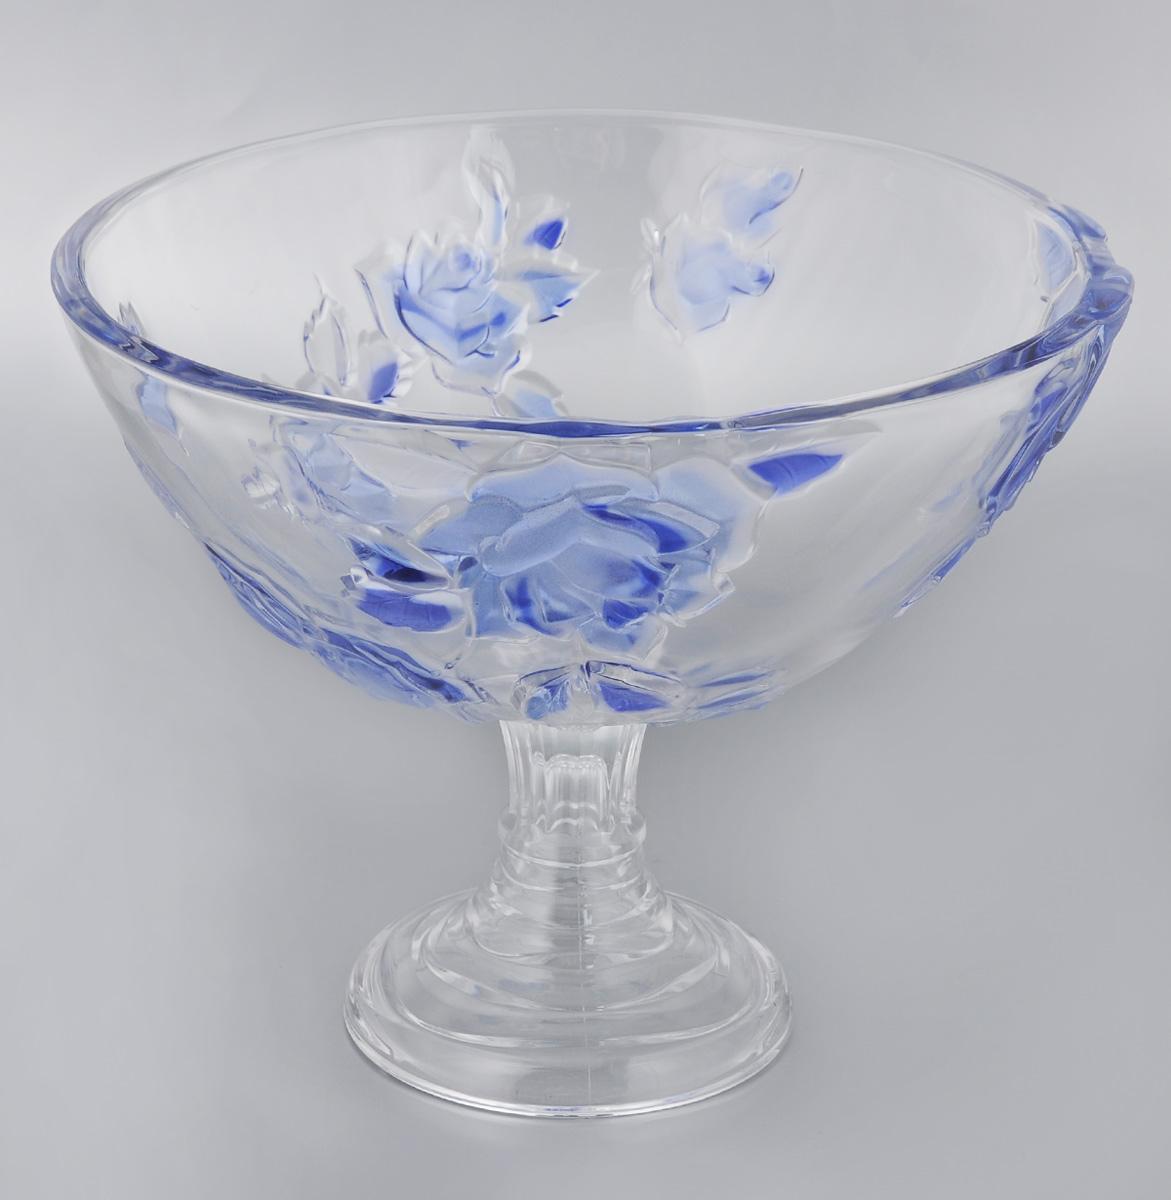 Конфетница Soga Rosette Blue, диаметр 28 см115510Элегантная конфетница Soga Rosette Blue на ножке, изготовленная из прочного стекла, имеет многогранную рельефную поверхность. Конфетница предназначена для красивой сервировки сладостей. Изделие придется по вкусу и ценителям классики, и тем, кто предпочитает утонченность и изящность. Конфетница Soga Rosette Blue украсит сервировку вашего стола и подчеркнет прекрасный вкус хозяина, а также станет отличным подарком.Можно мыть в посудомоечной машине.